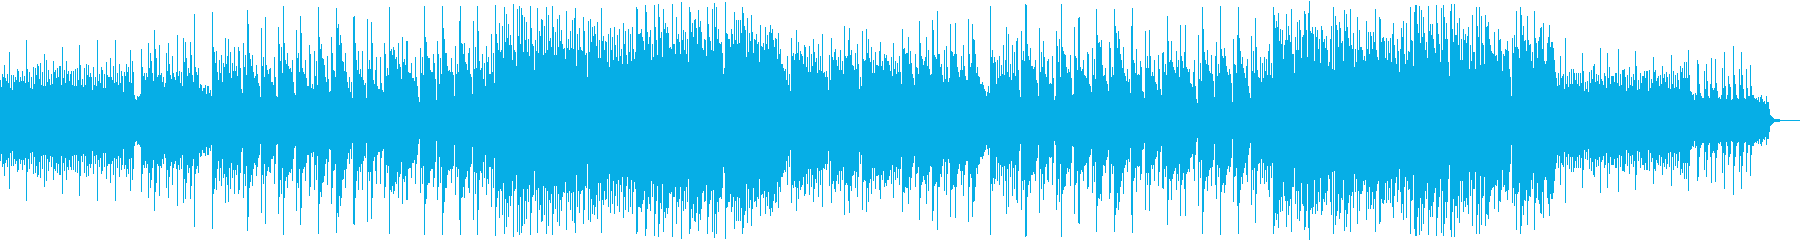 おもちゃのピアノ音の不思議な雰囲気の曲の再生済みの波形